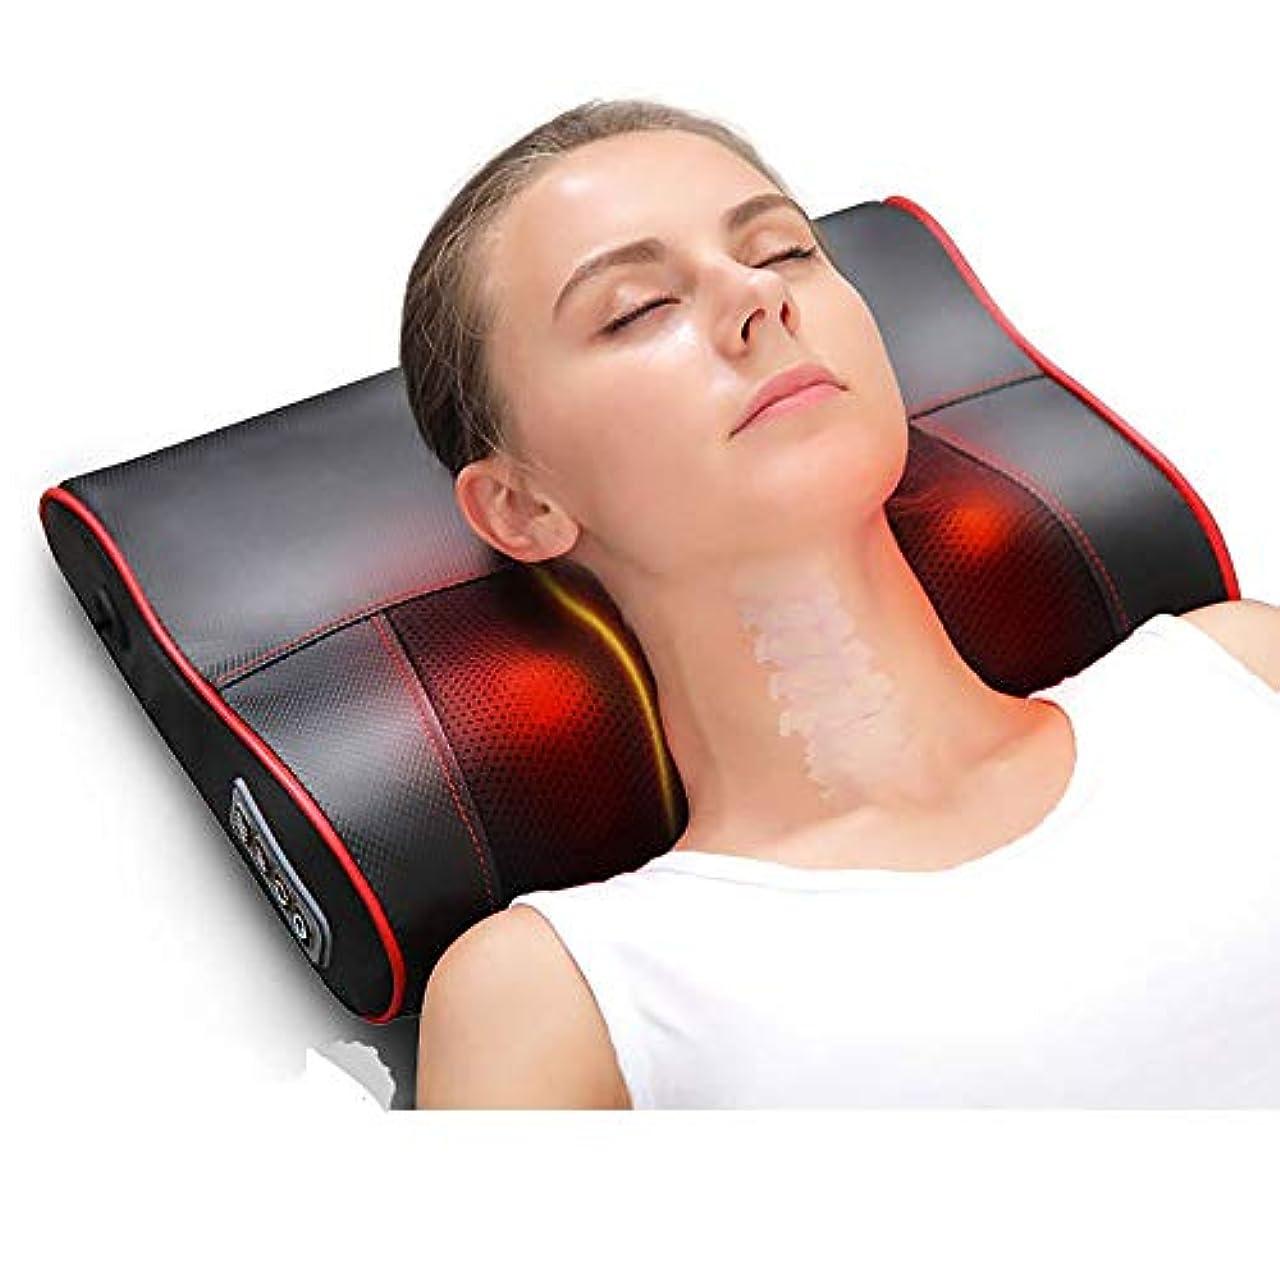 高い困惑した欲望首のマッサージの枕、多機能の電気マッサージャーの首のマッサージャーの背部首のマッサージの枕クッションのための背部ふくらはぎの足のフィートの暖房家/オフィス